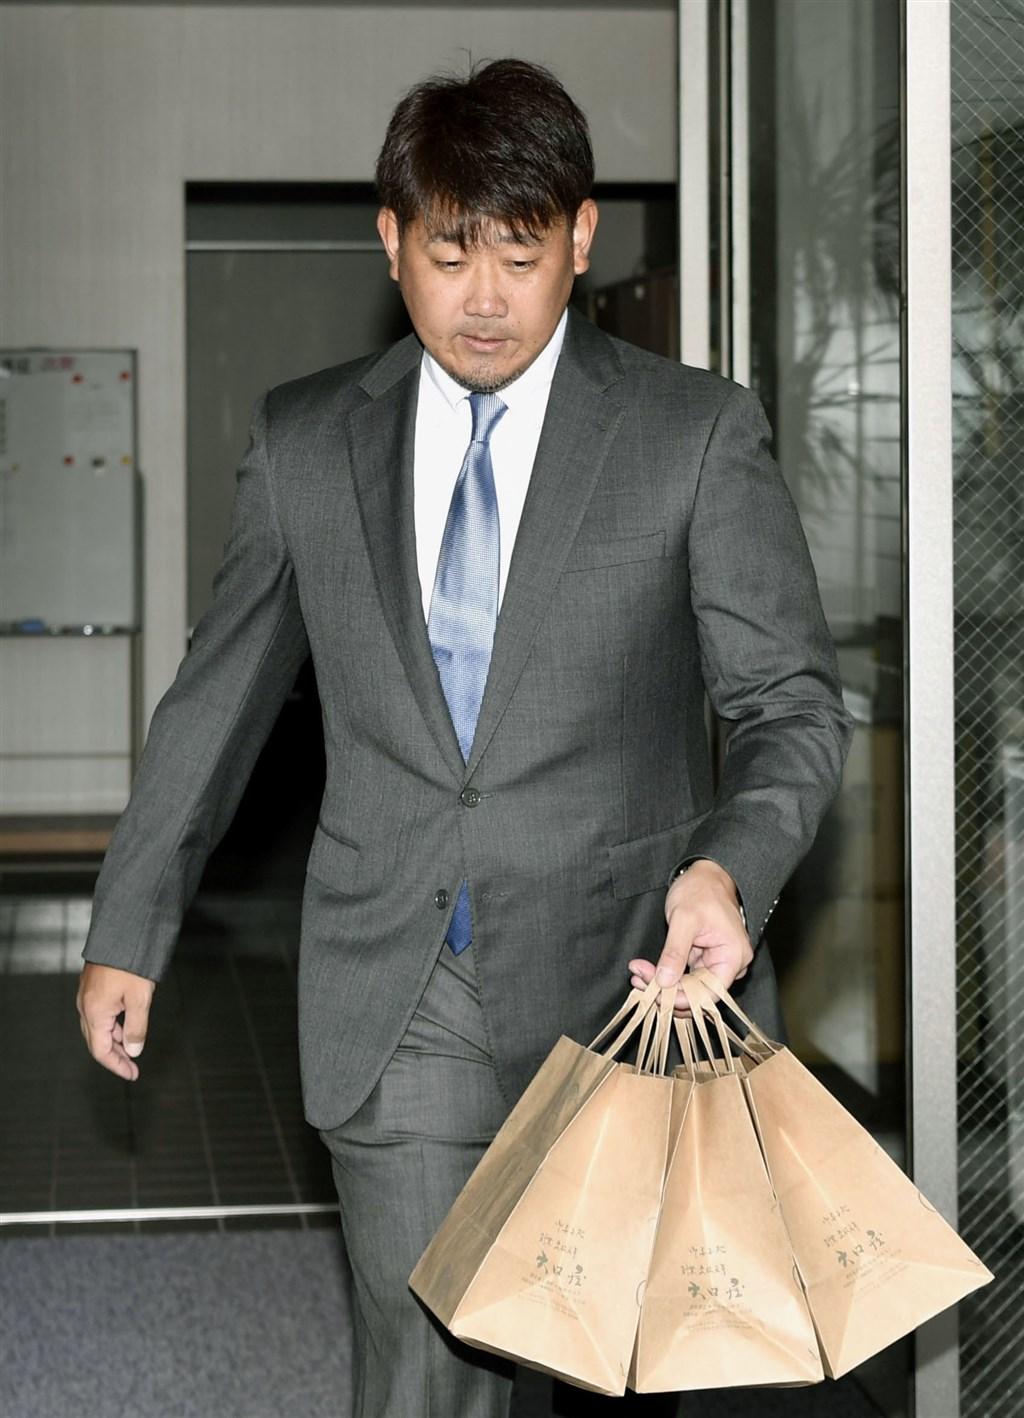 日職中日龍隊39歲投手松坂大輔,向球團表明本季結束後離隊獲得同意,接下來可能以自由契約選手找尋下支球隊。(共同社提供)